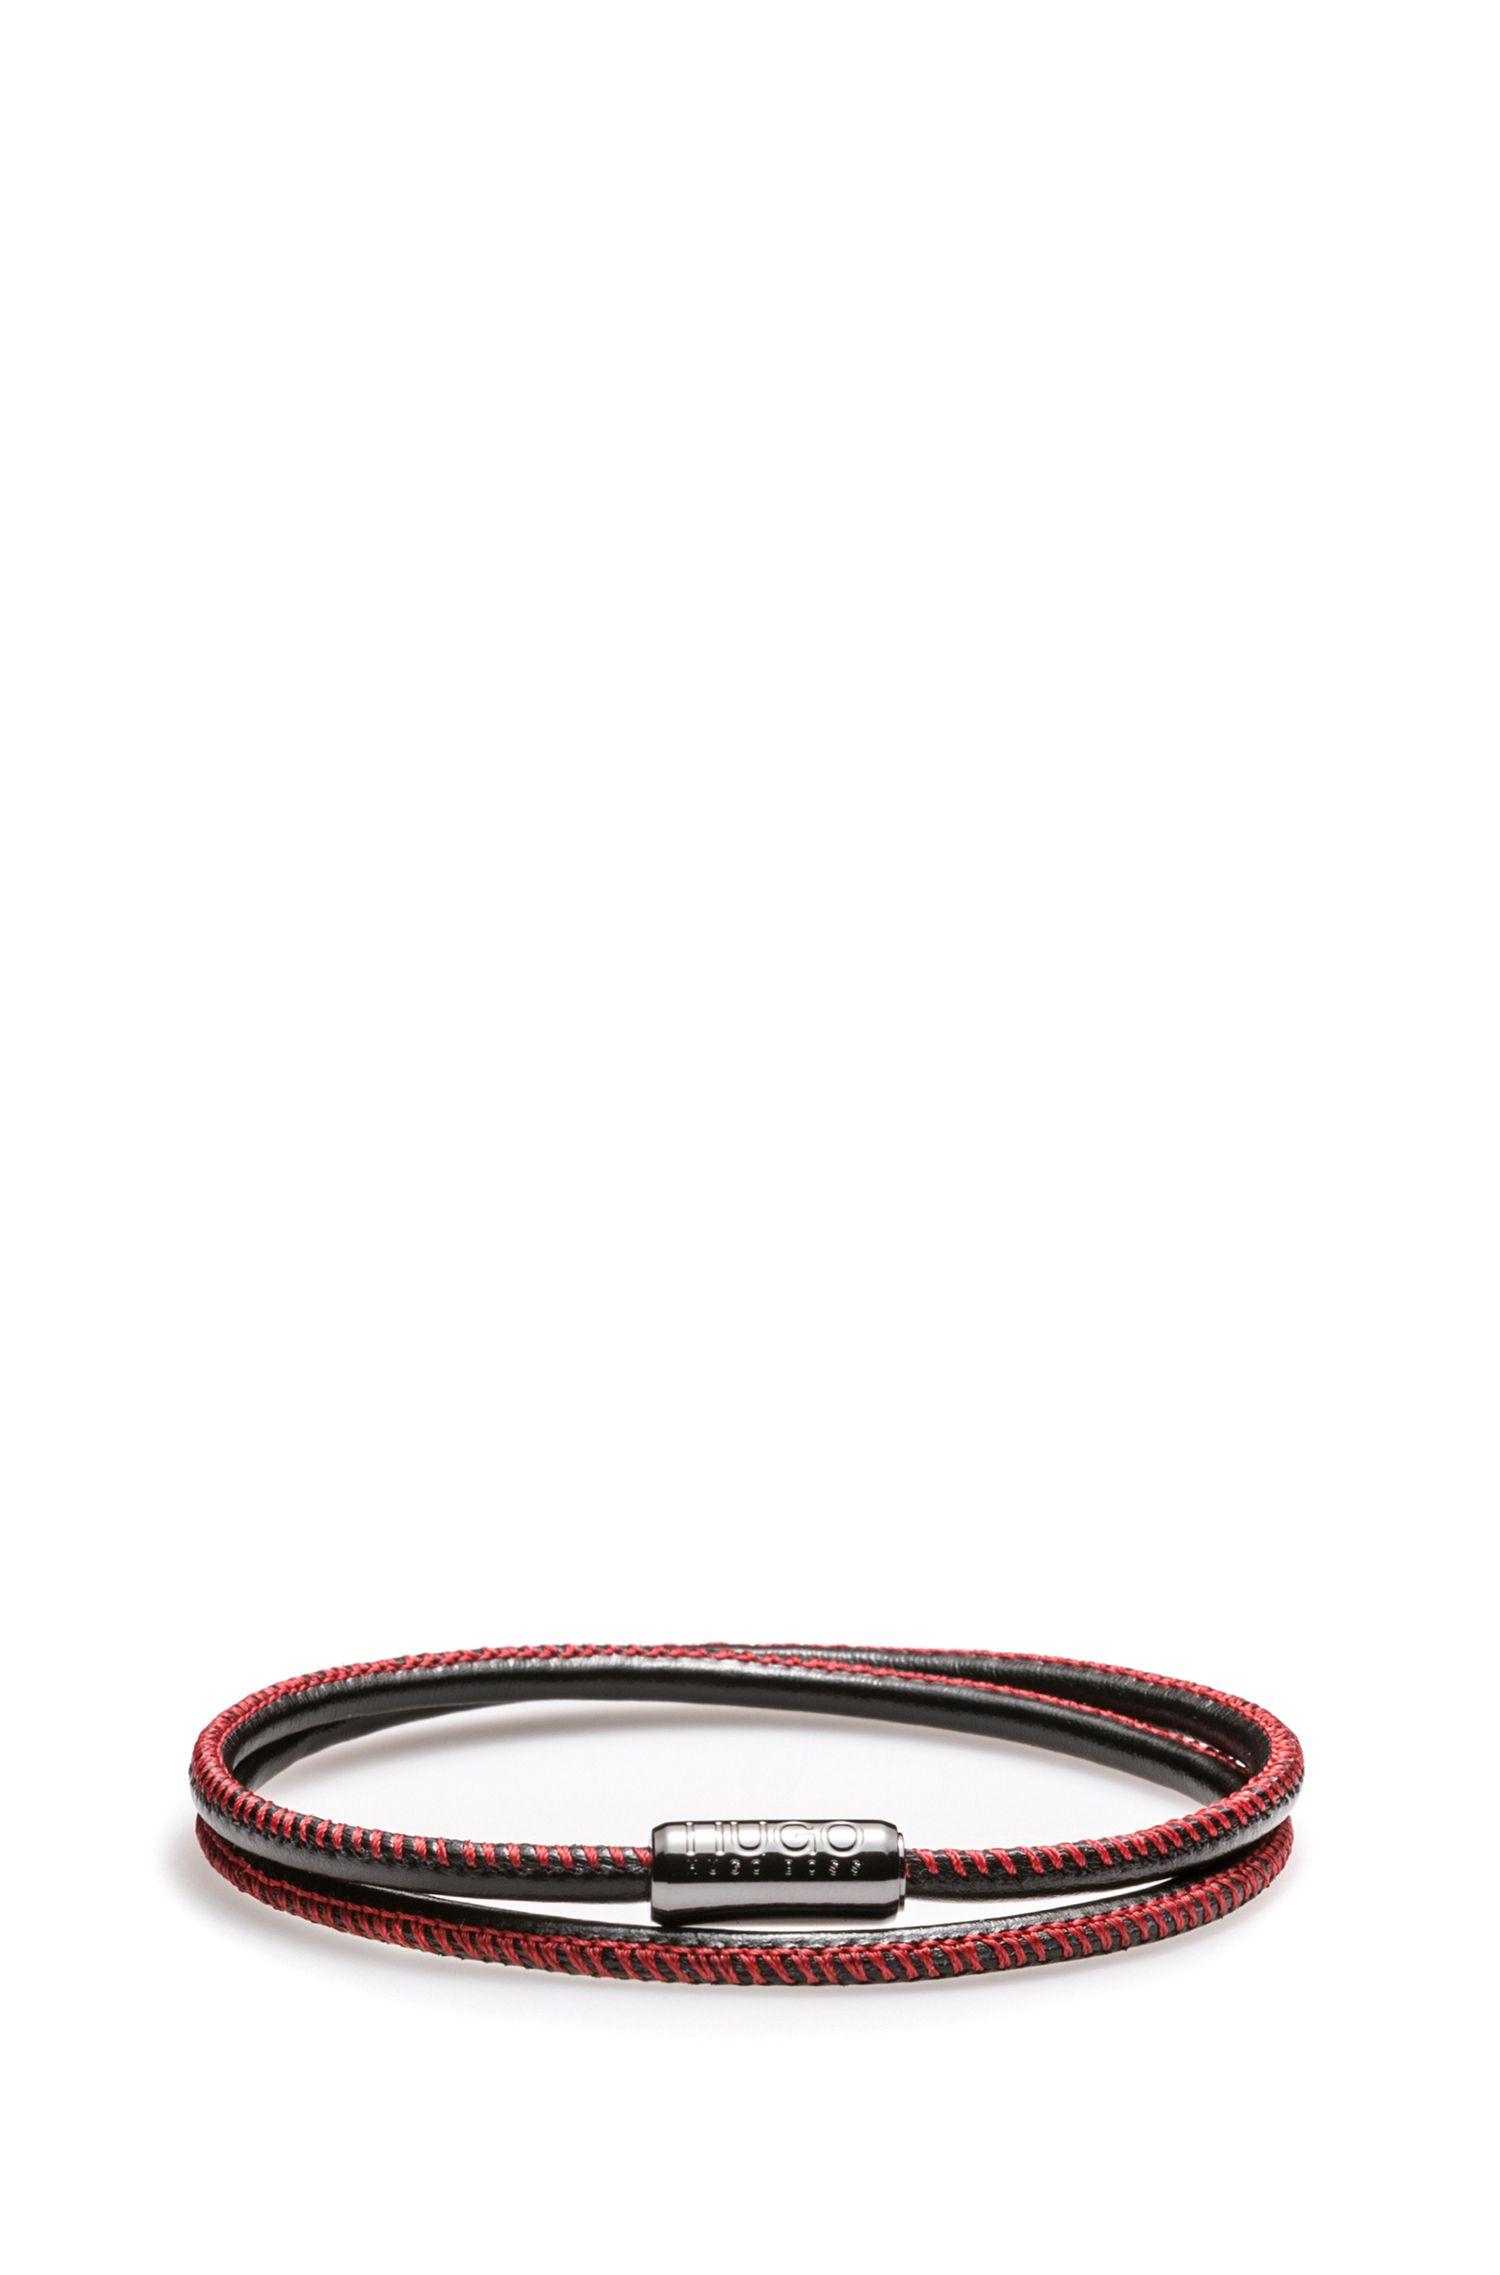 Armband aus italienischem Leder mit magnetischem Druckknopf